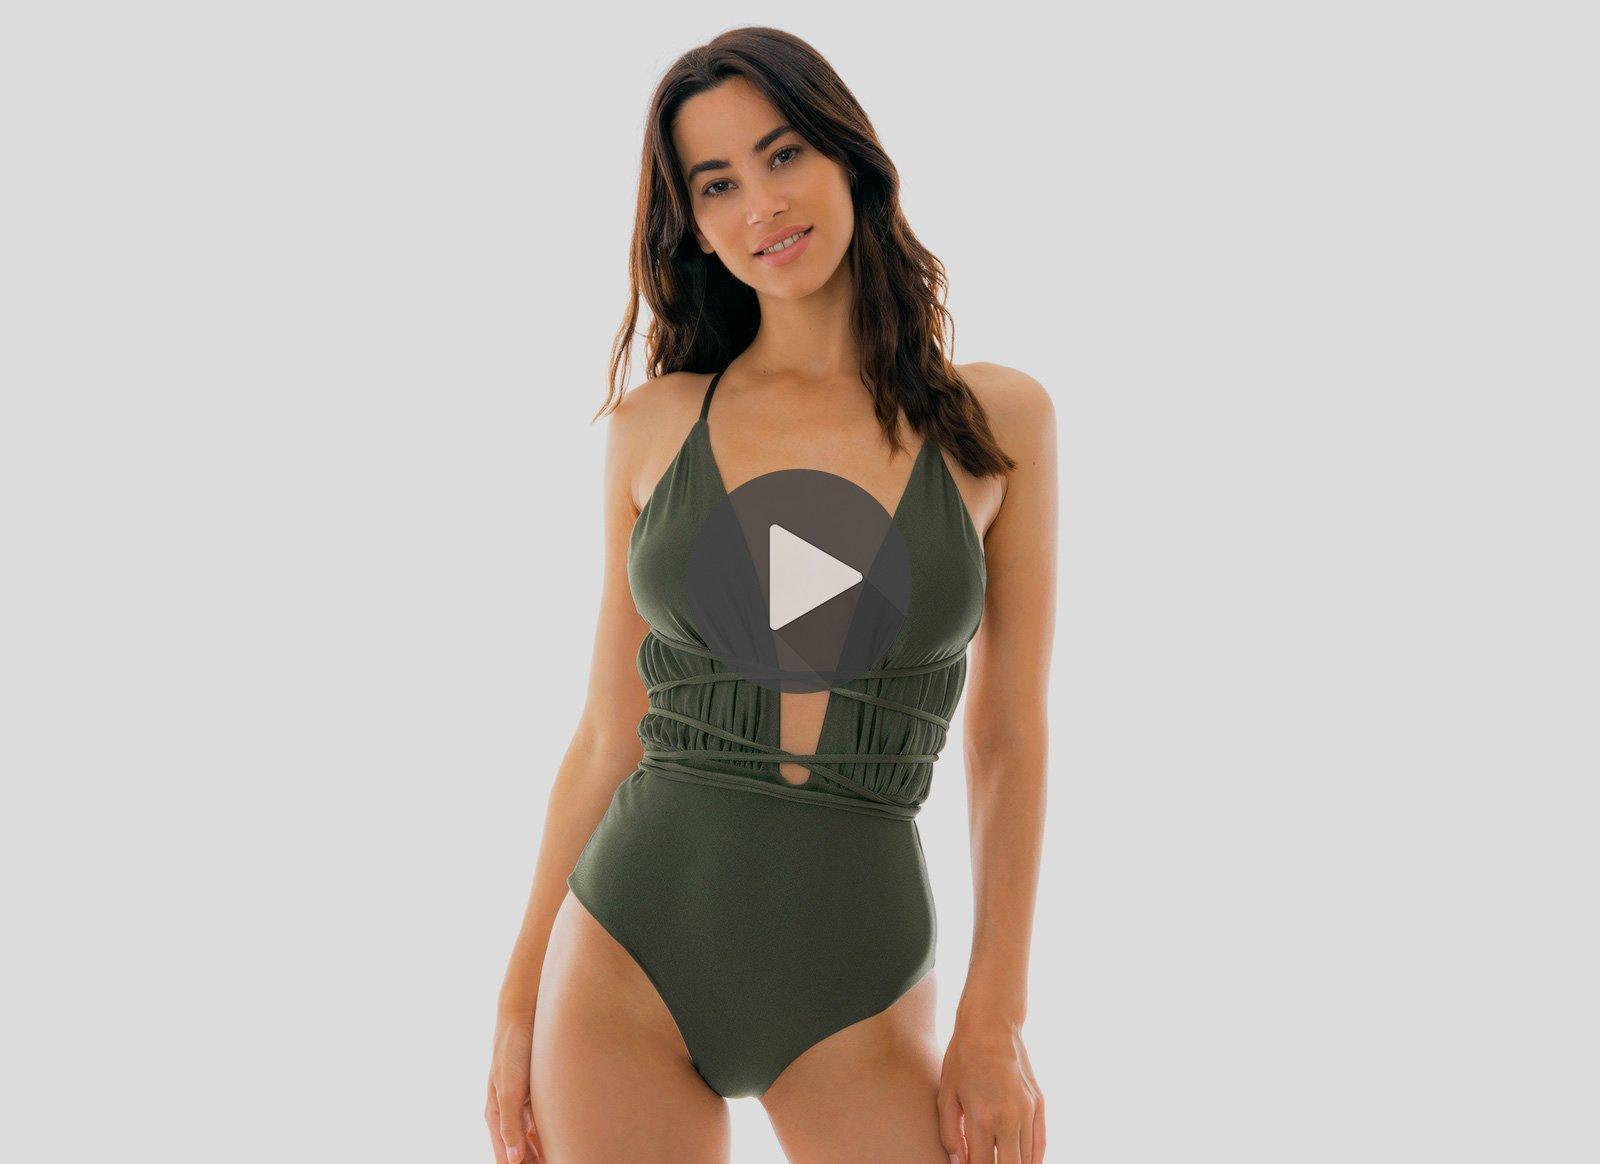 81c1818d3d359 One piece swimsuits